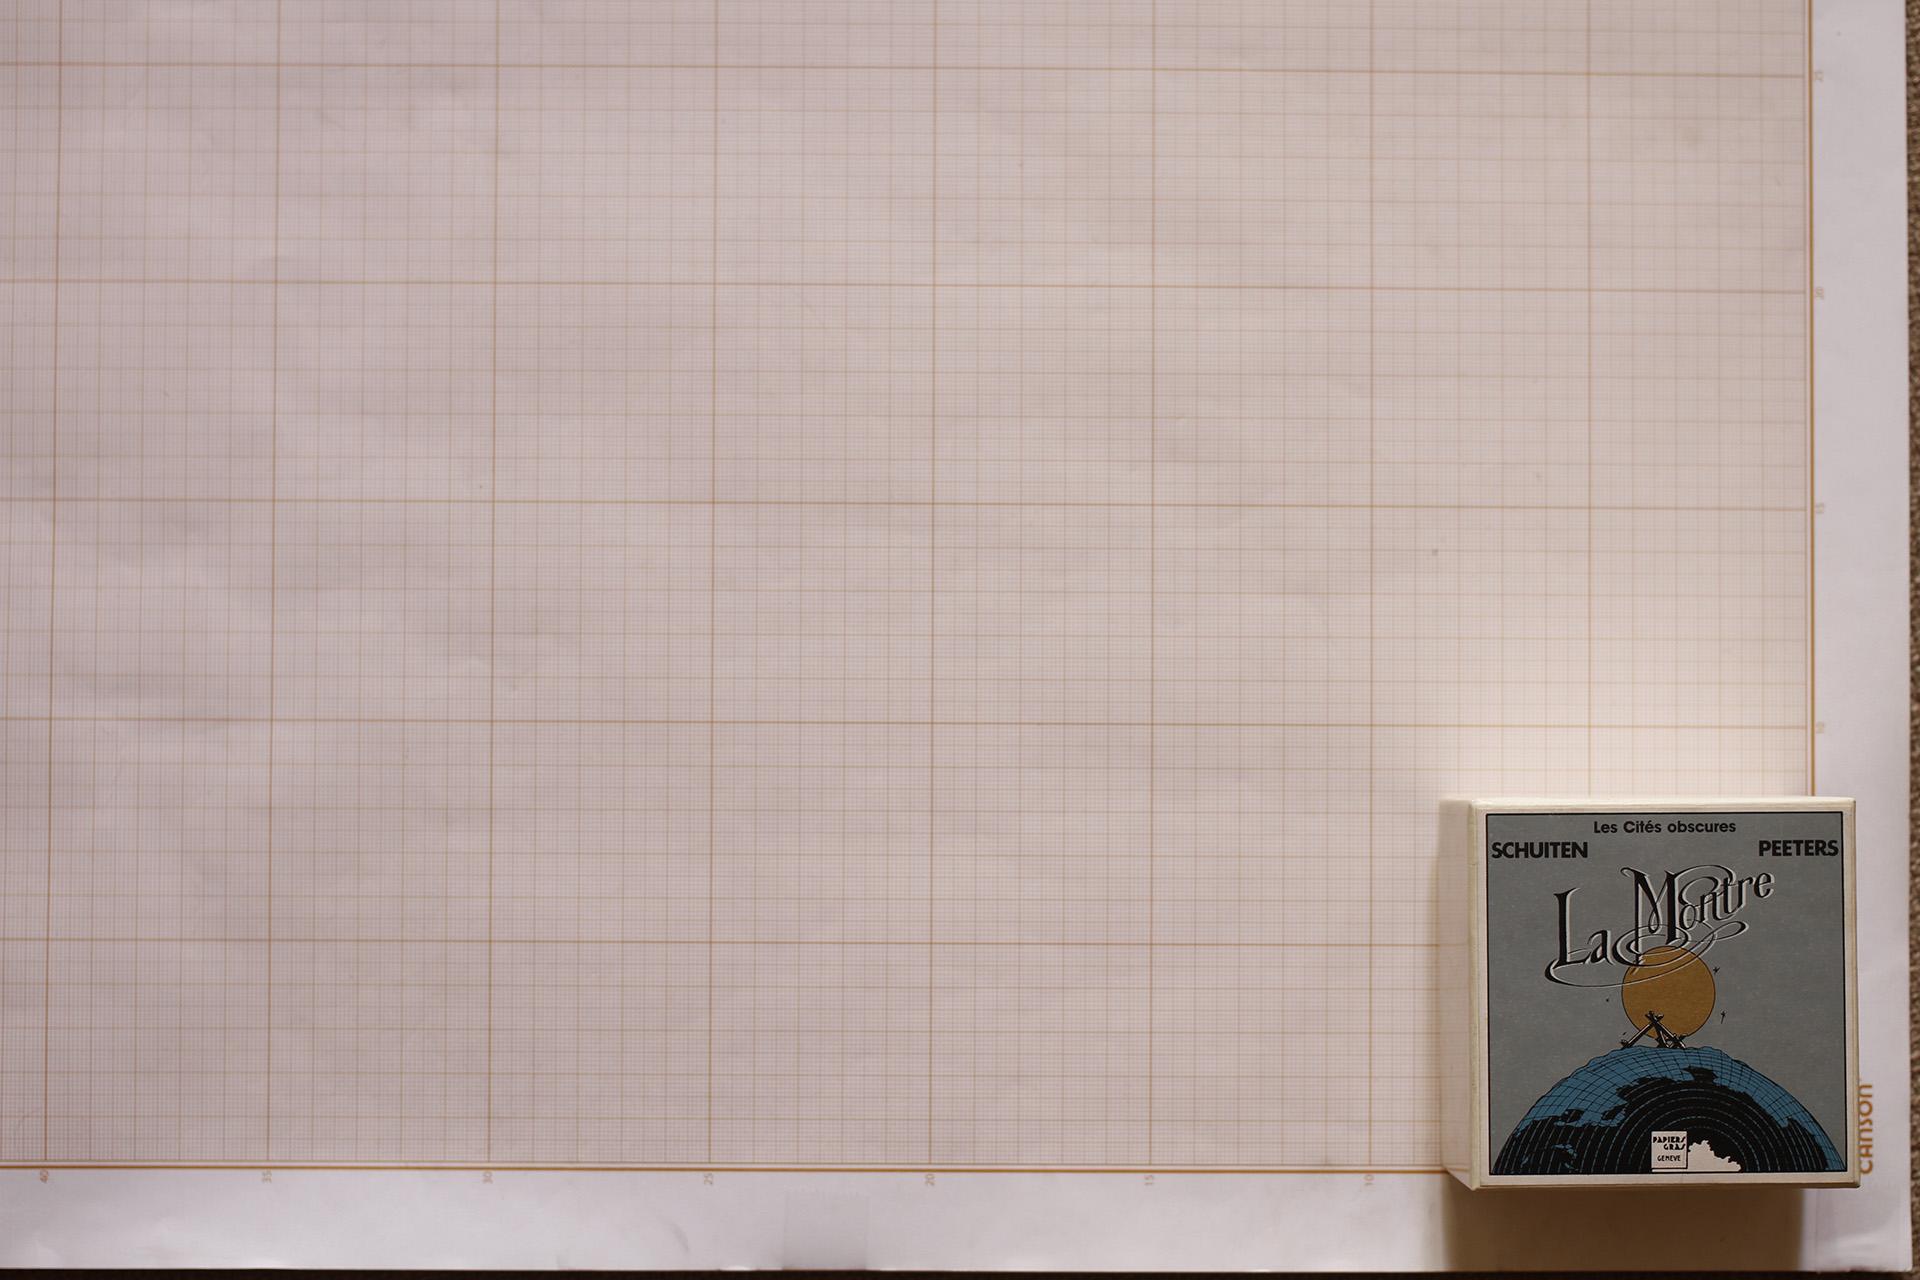 La Montre© François Schuiten / Papiers Gras, 1990